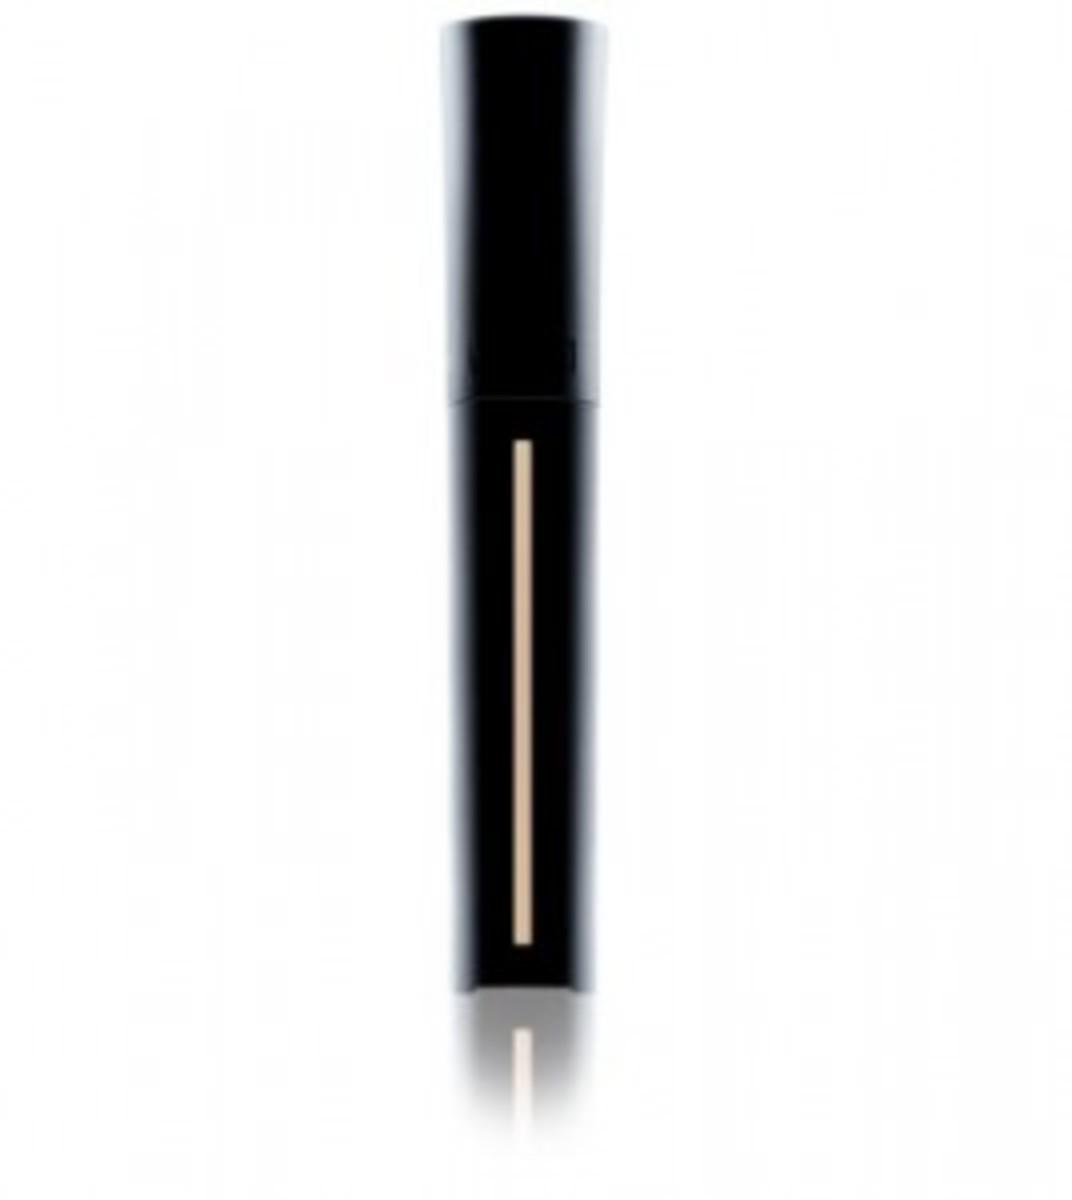 Giorgio-Armani-High-Precision-Retouch-268x300